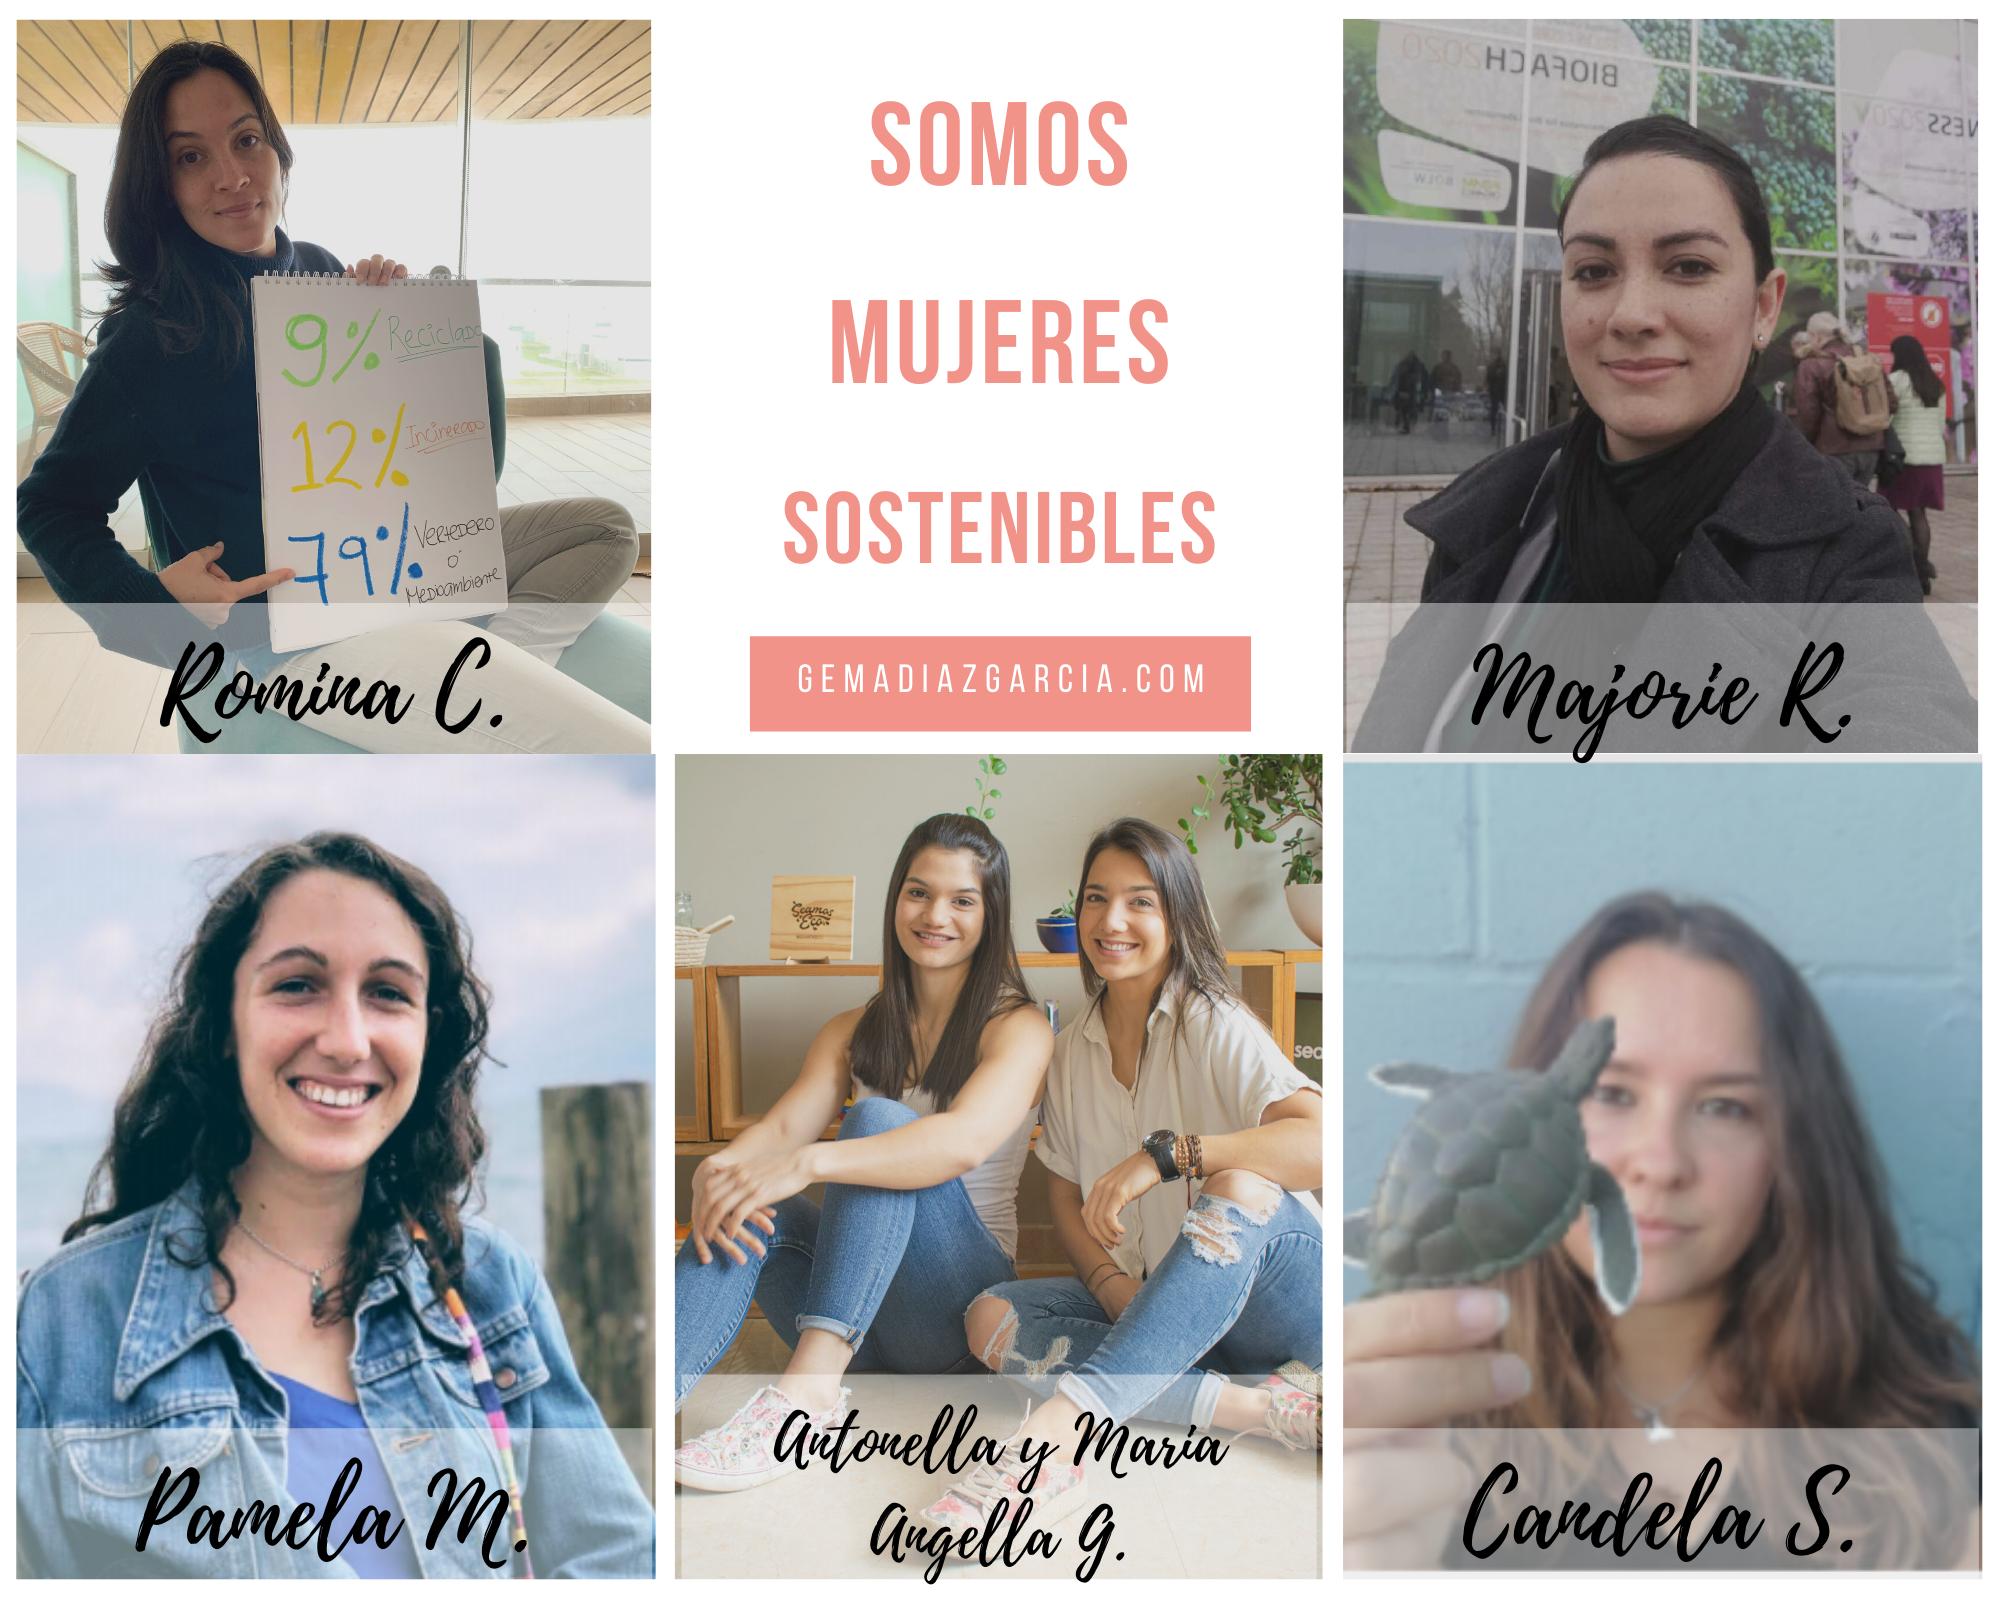 Mujeres Sostenibles